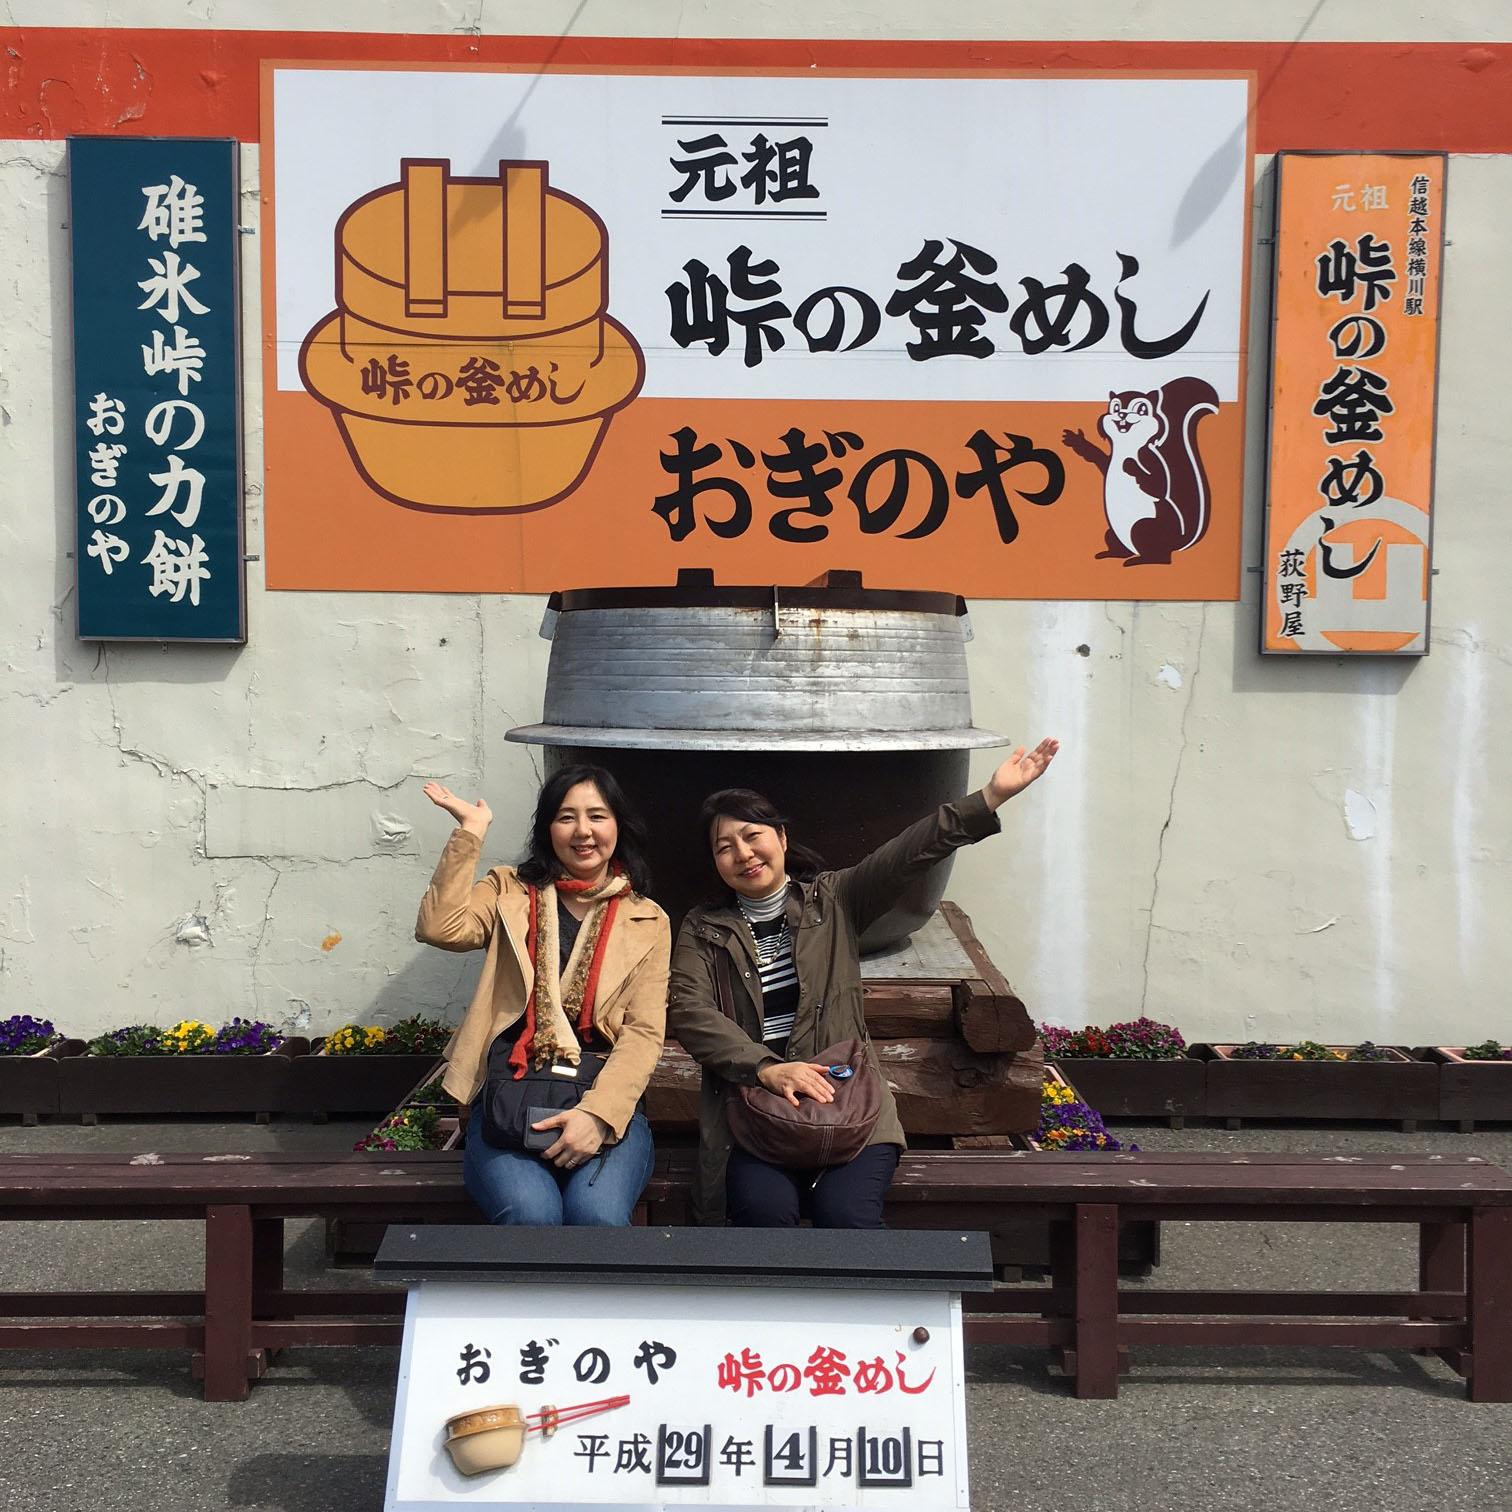 群馬・富岡製糸場と吹割の滝ツアー催行!